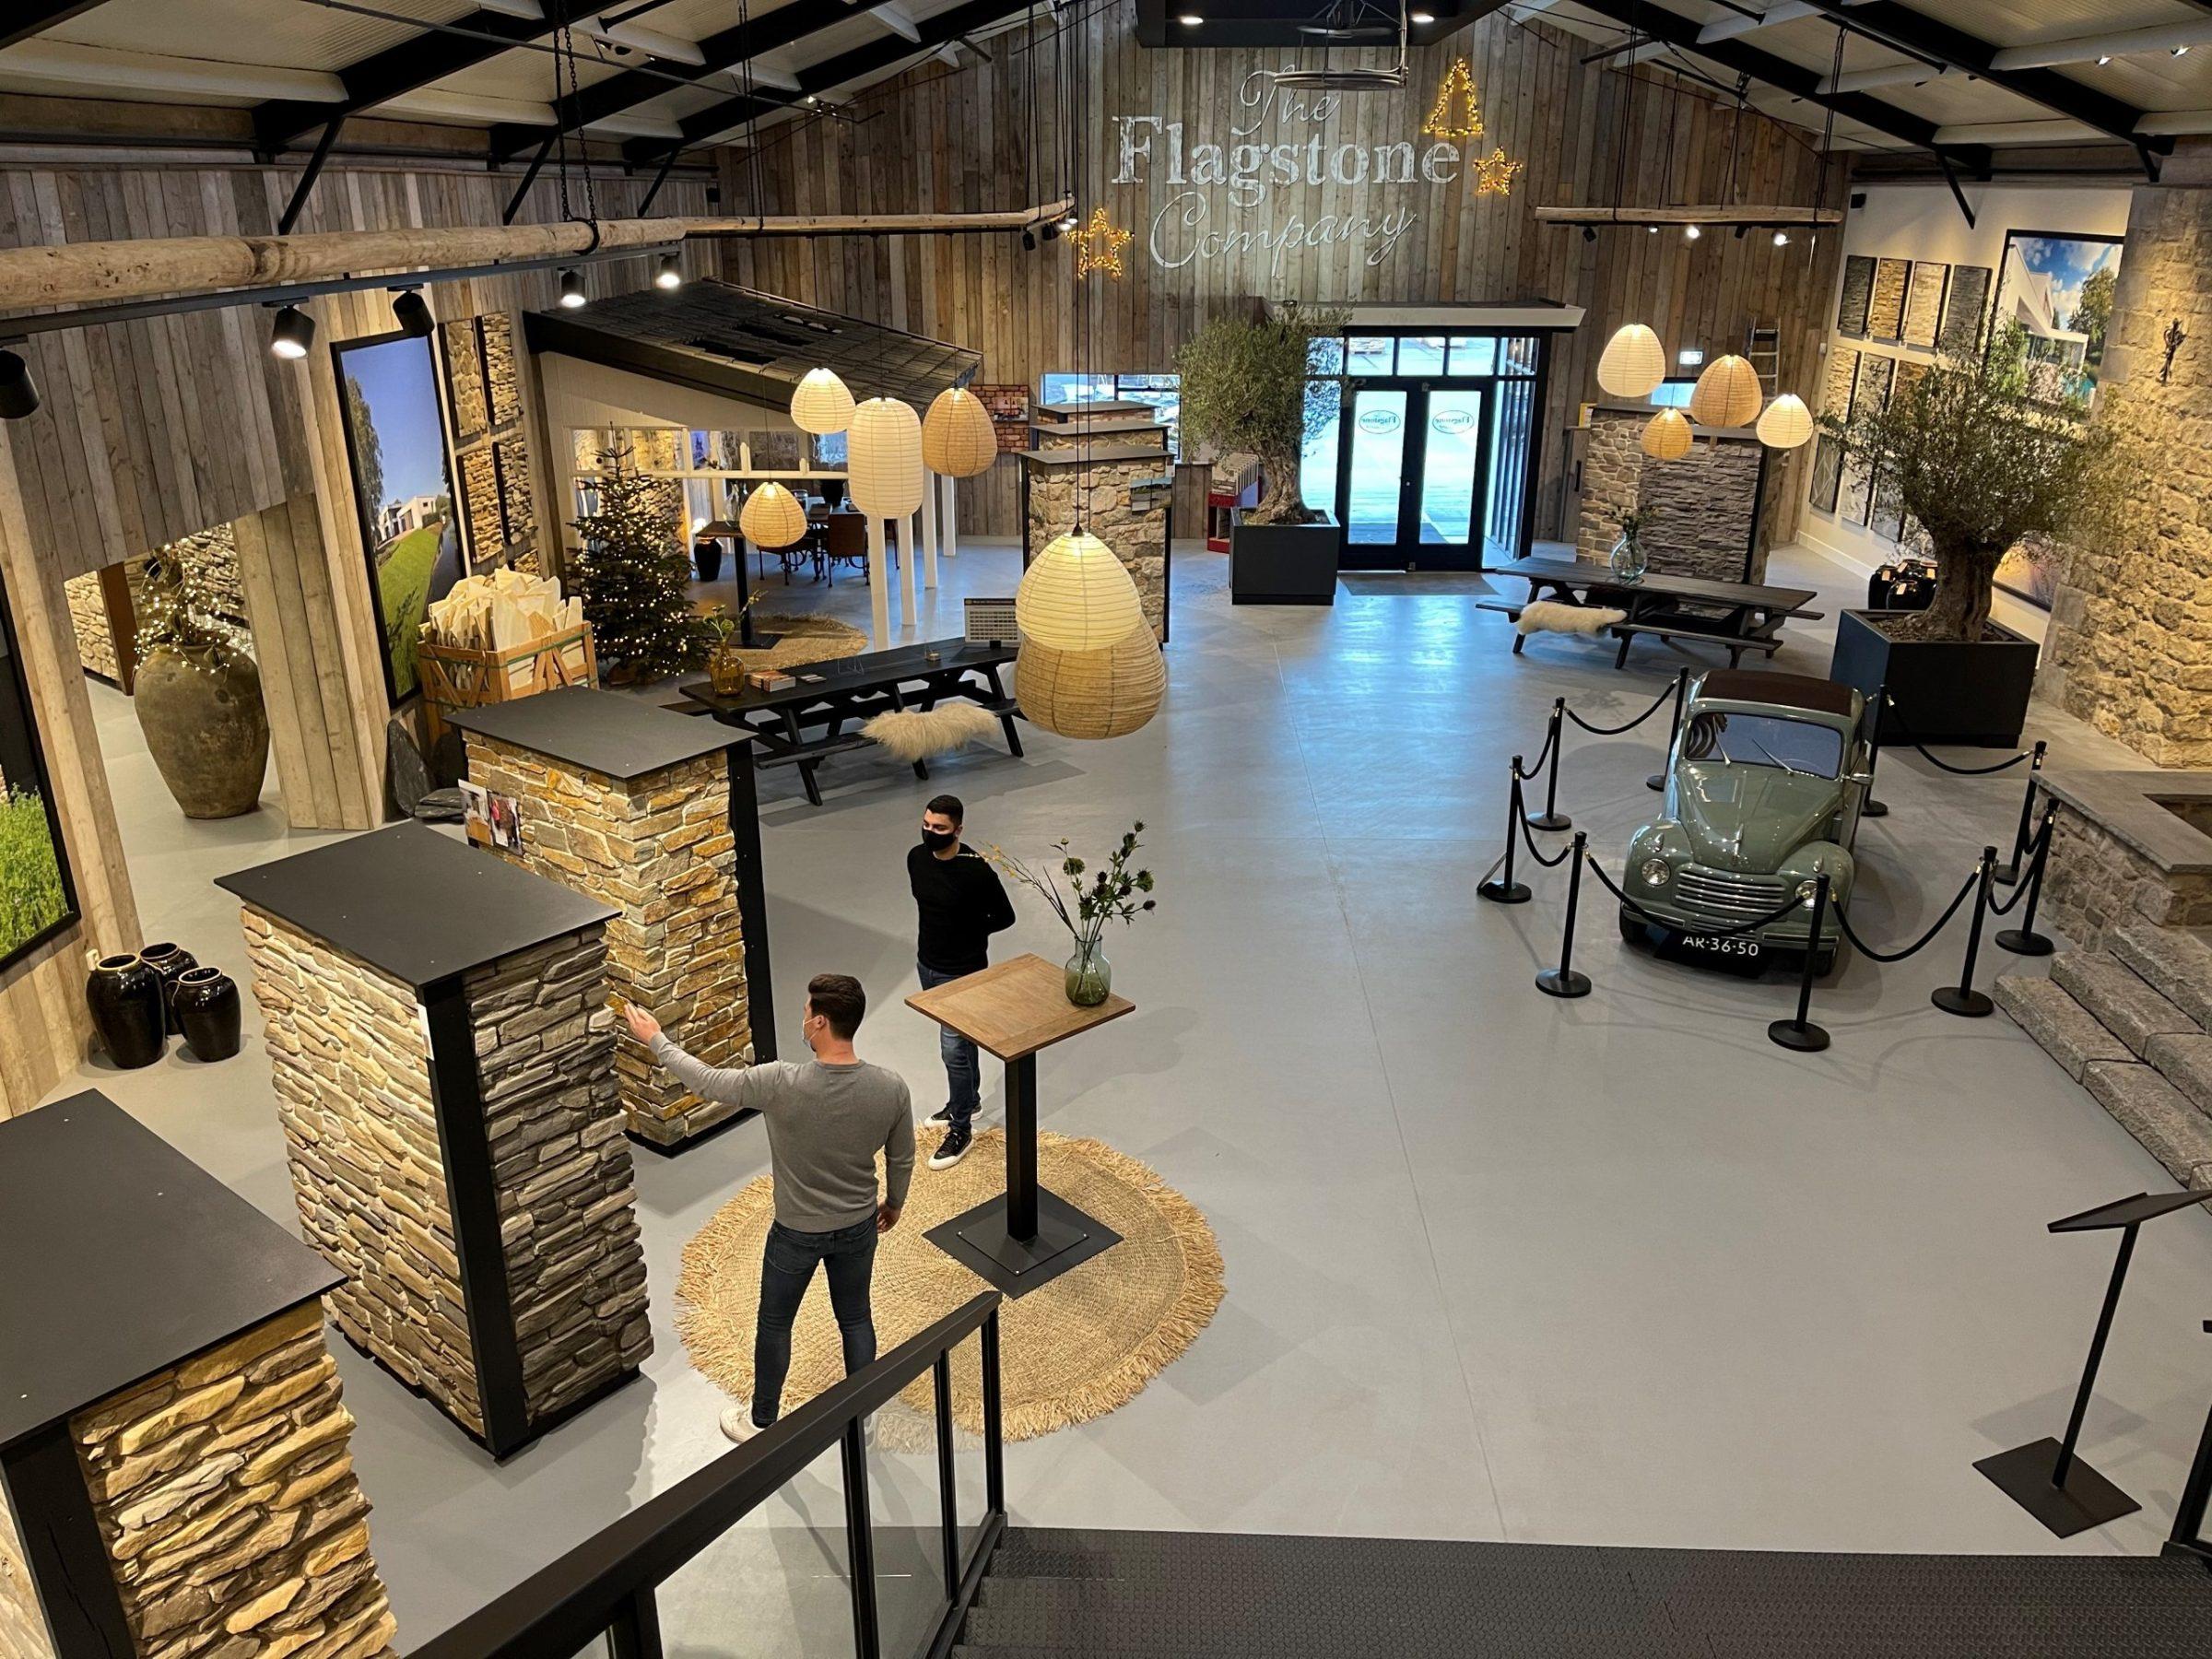 De grootte van de vernieuwde showroom in de corona tijd